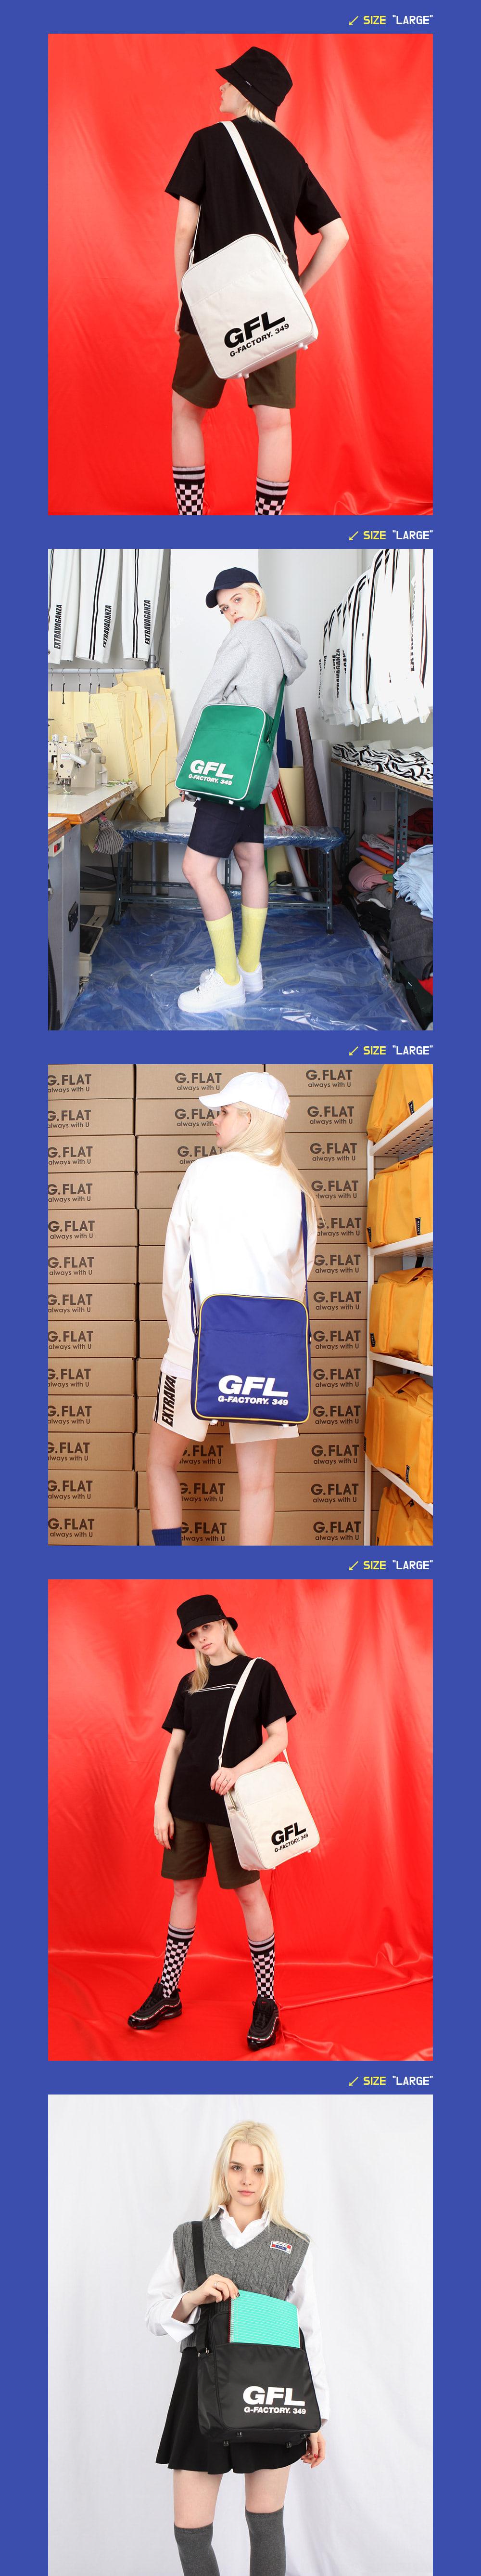 지플랫(G-FLAT) 에어라인 GFL 83 크로스백 L (YELLOW)